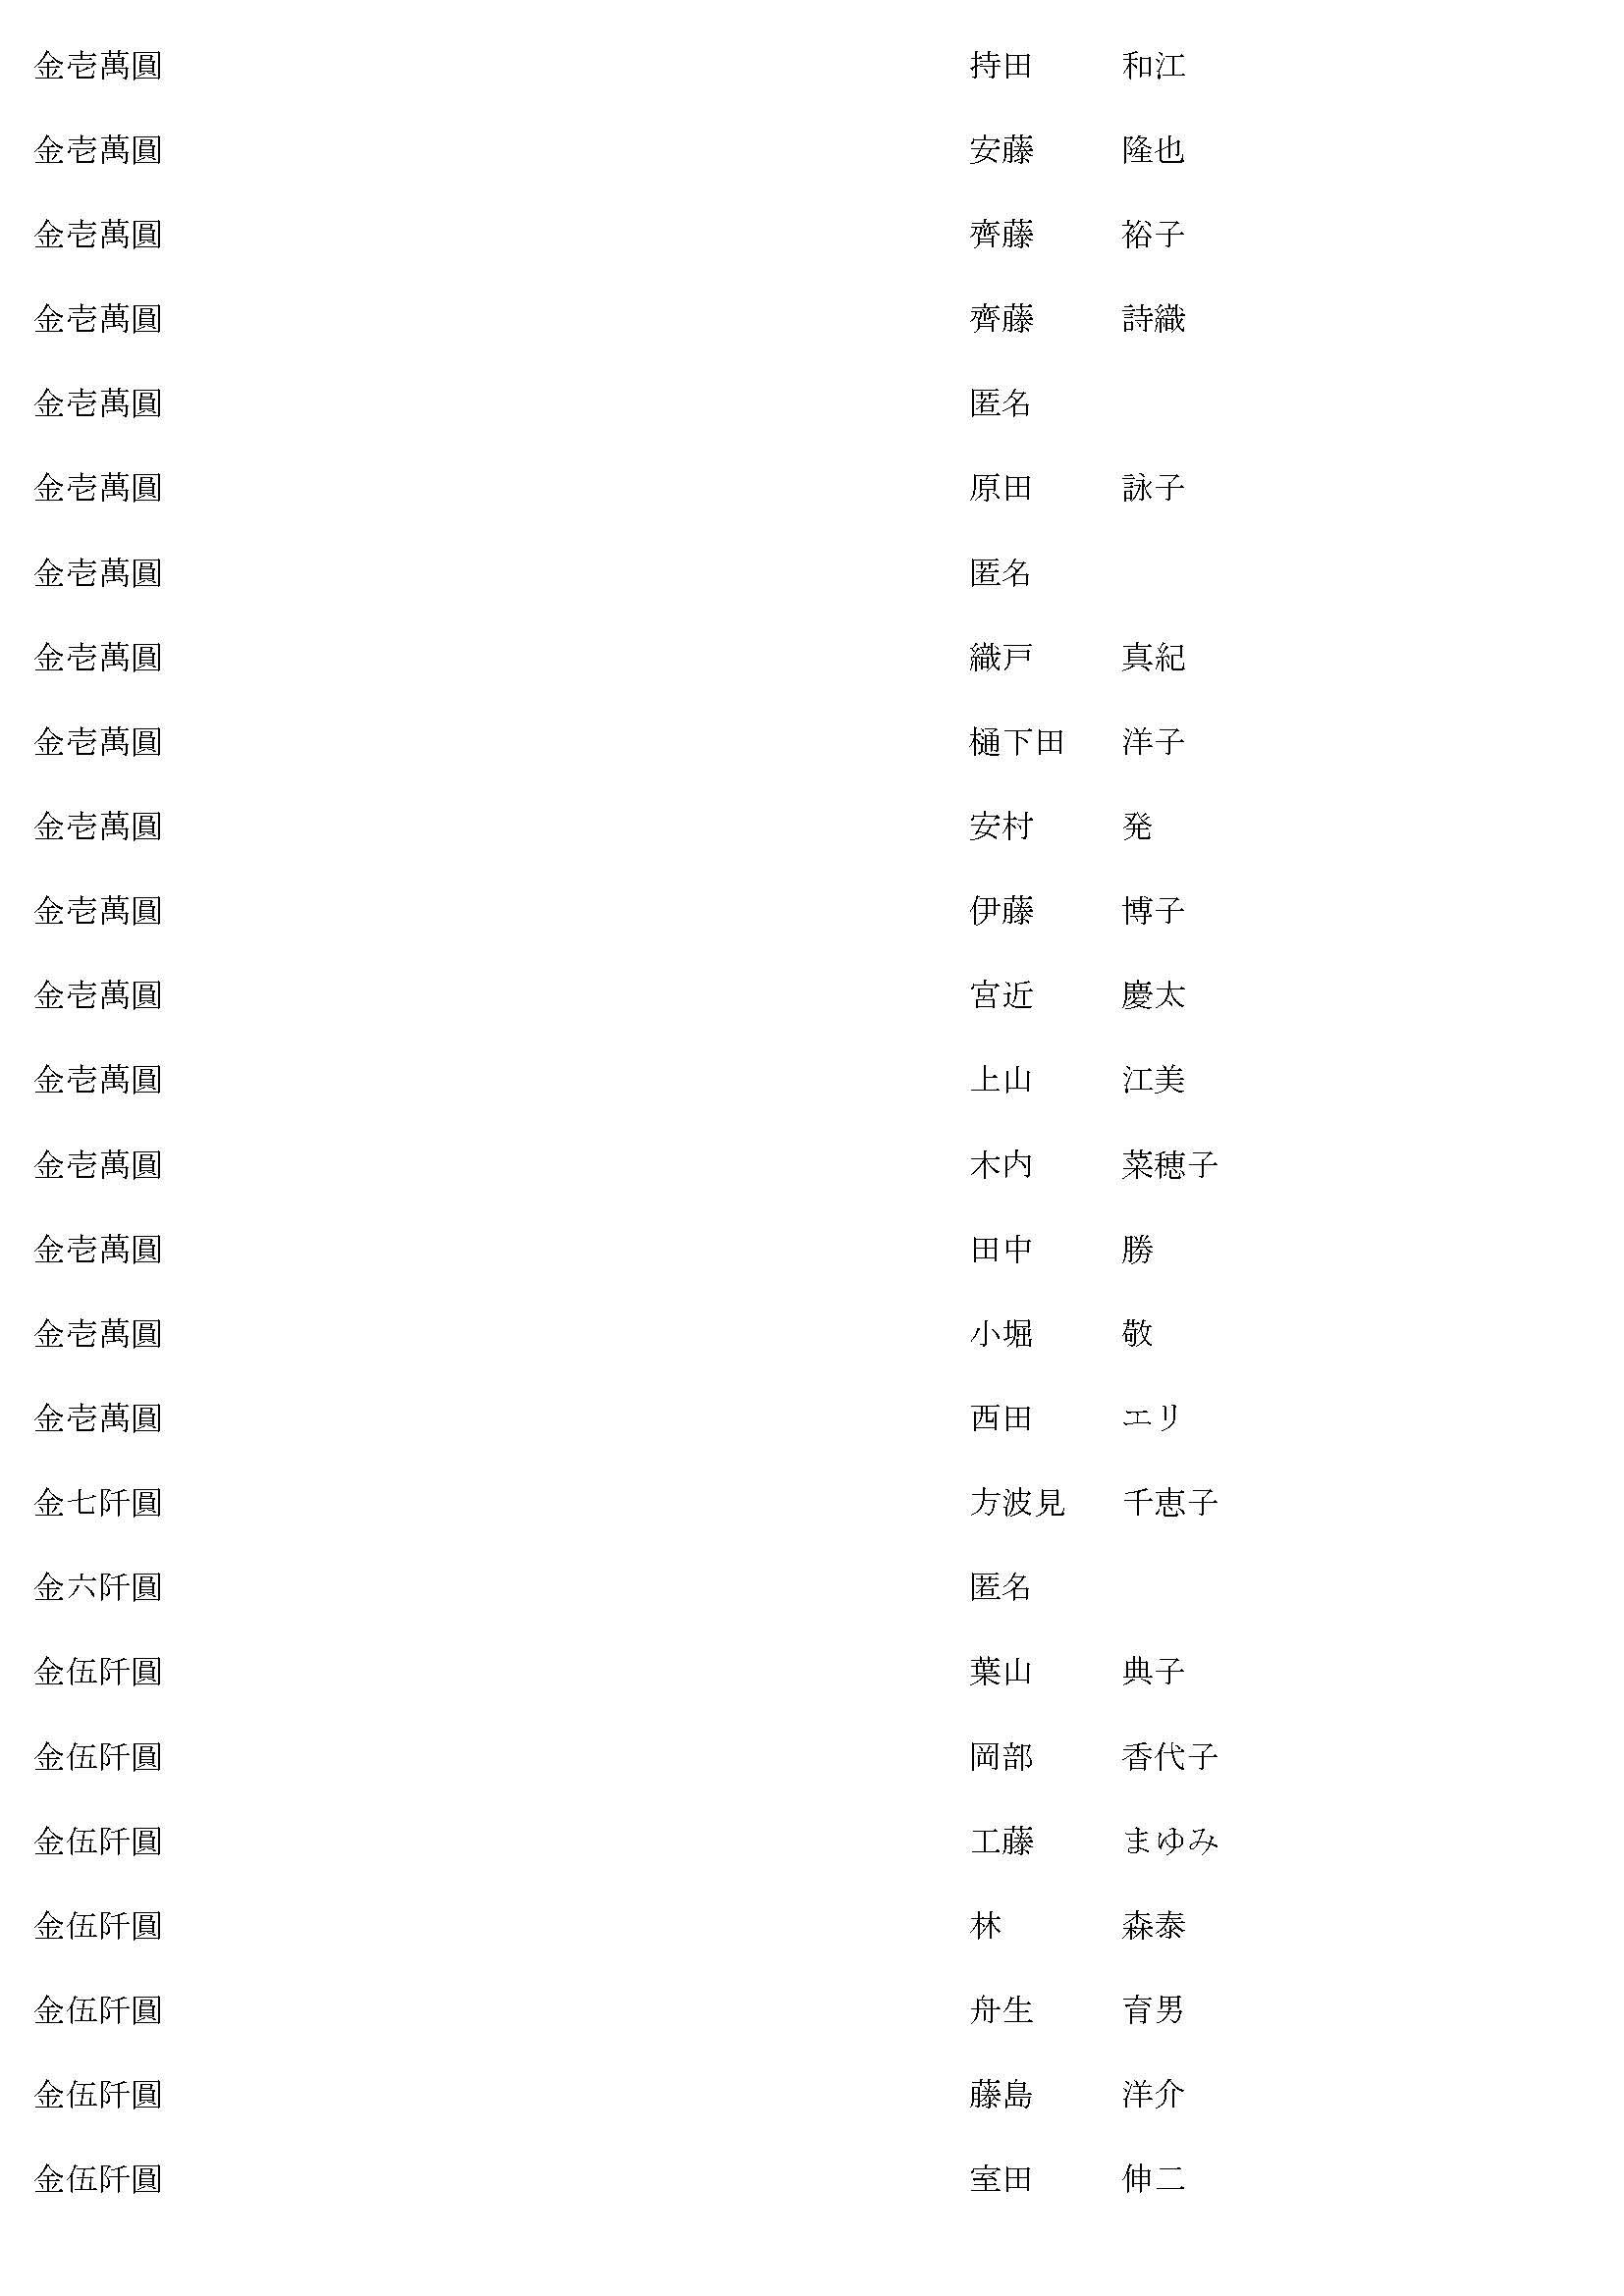 御鎮座七百年記念事業奉賛者御芳名簿20